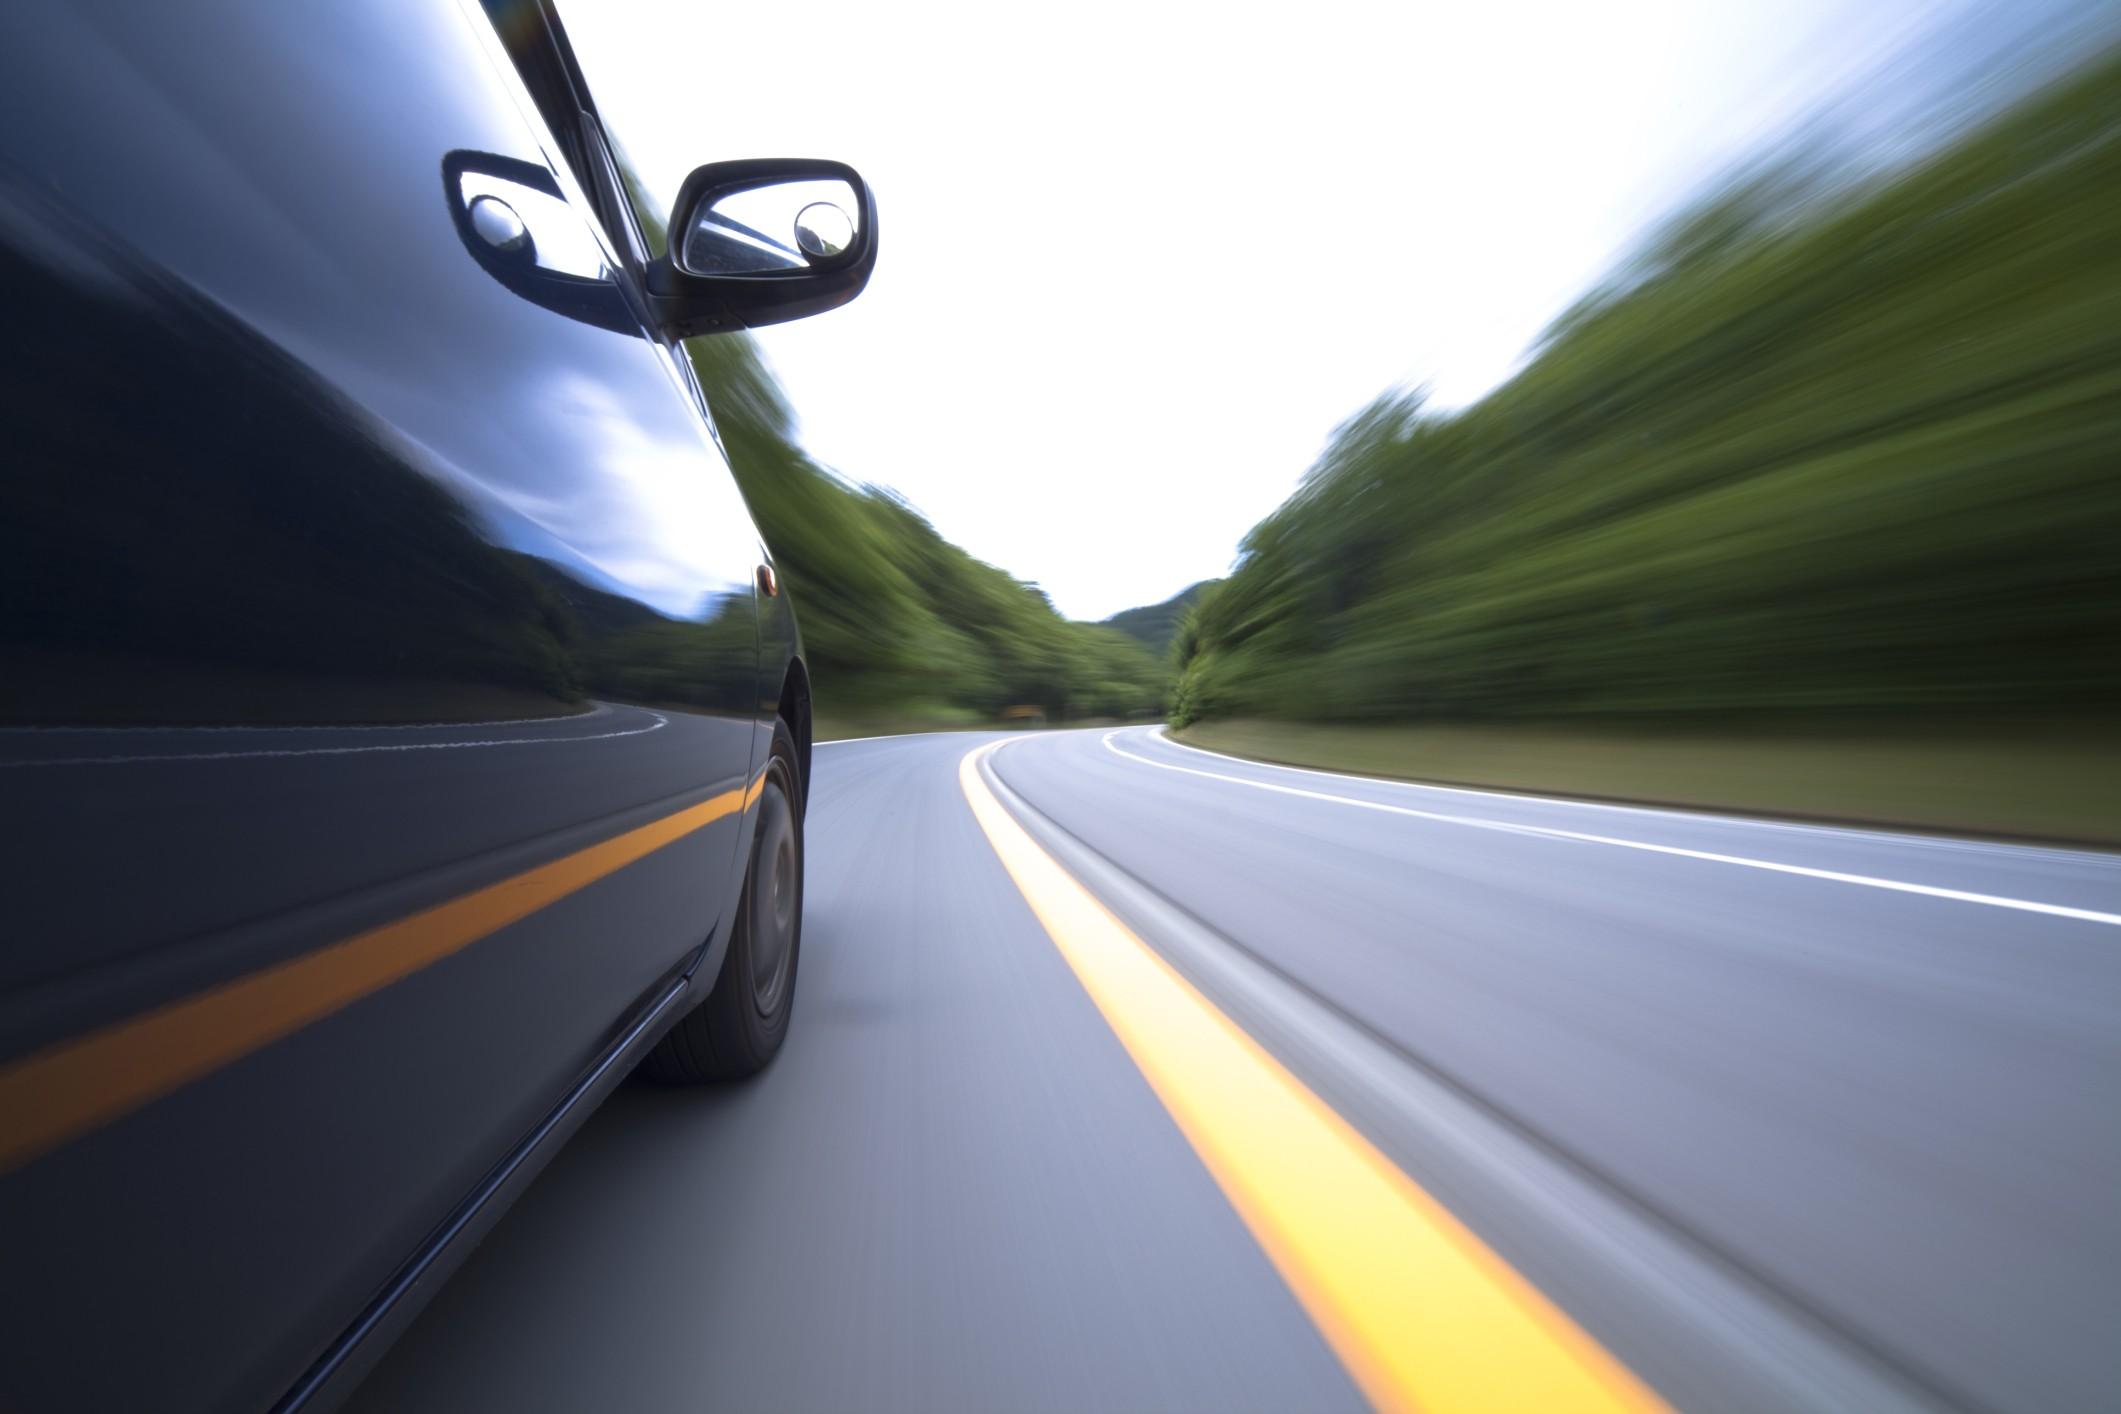 Carro movido a ferro poderá virar realidade no futuro